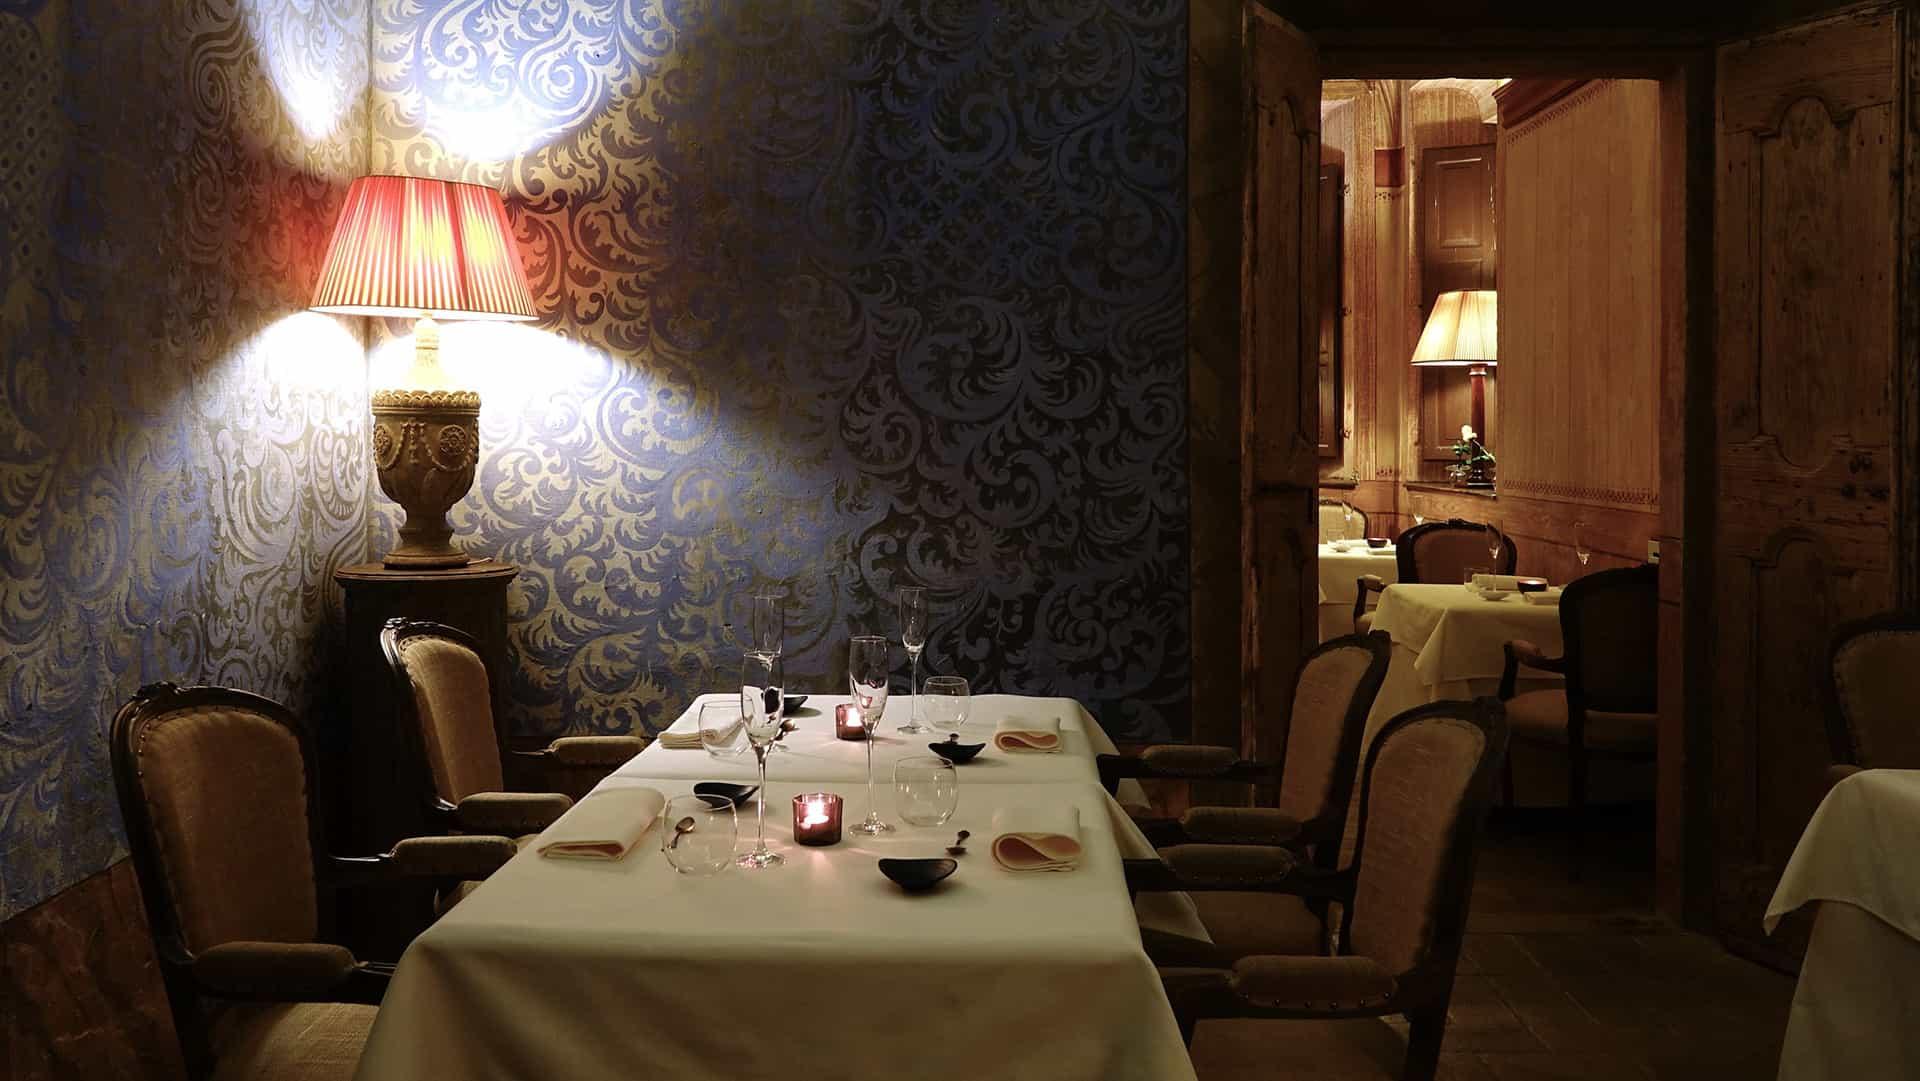 Ama Cucine Firenze ristorante or cucina d'arte - gourmet a grintorto di